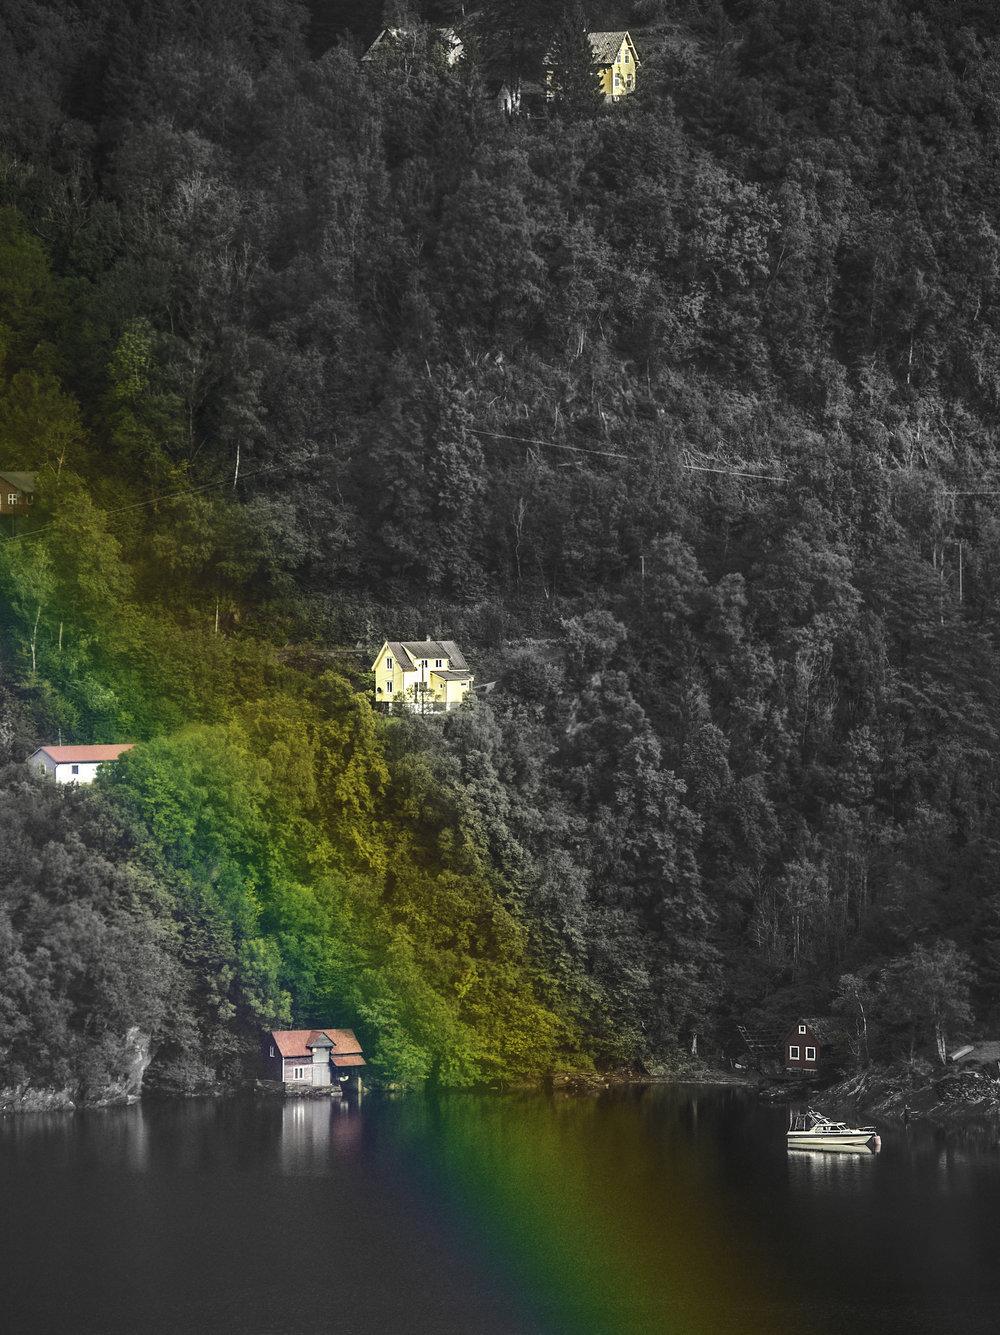 rainbow from house.jpg